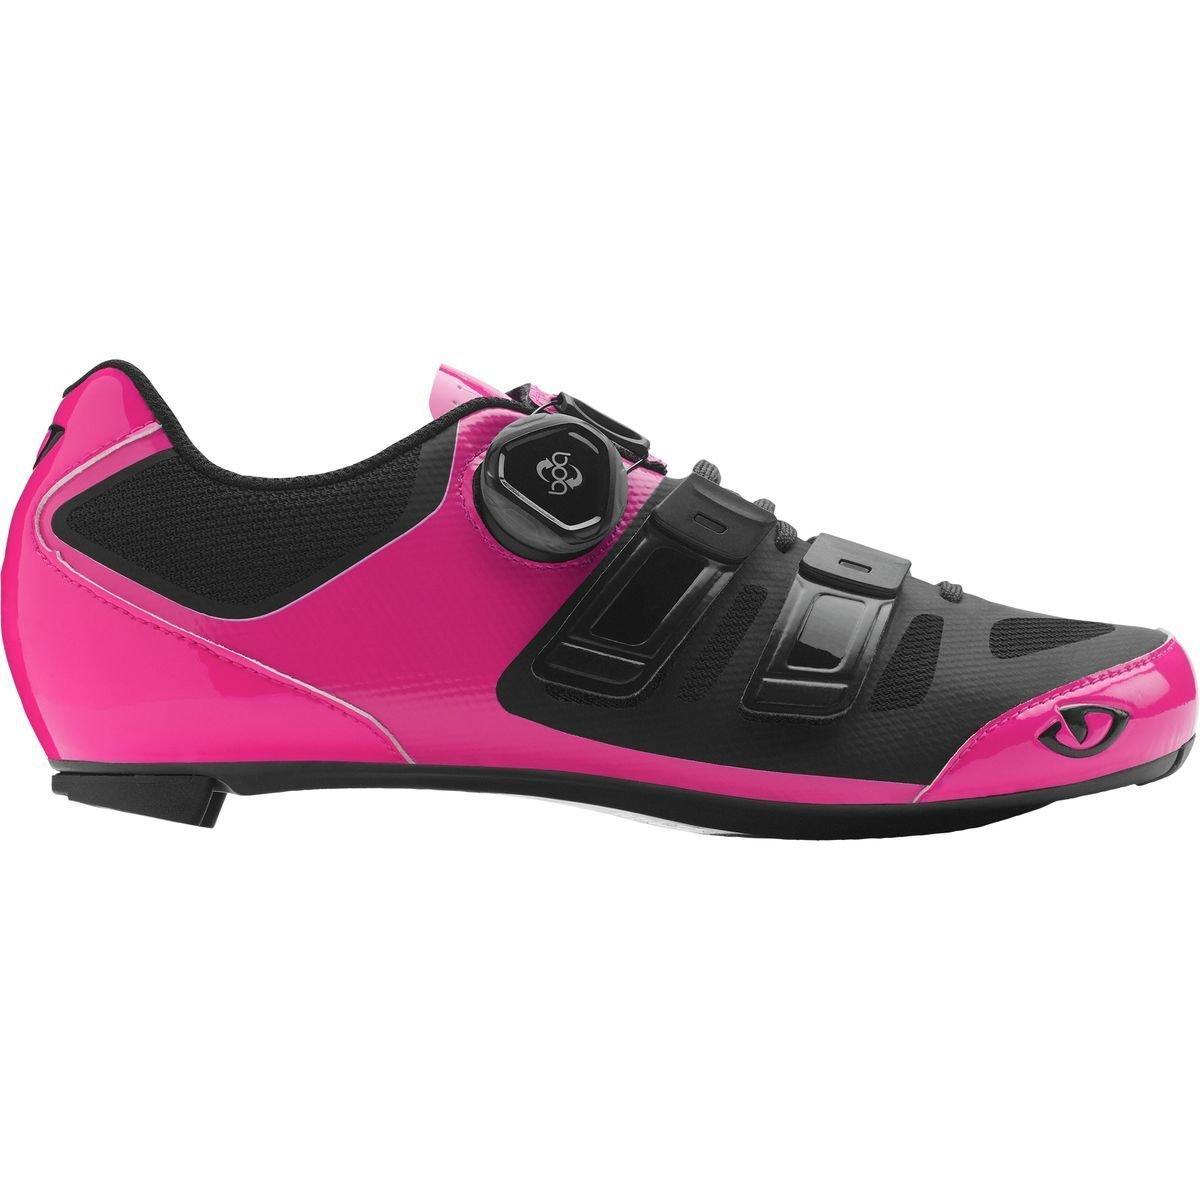 Giro Raes Techlace Cycling Shoe - Women's Bright Pink/Black 39.5